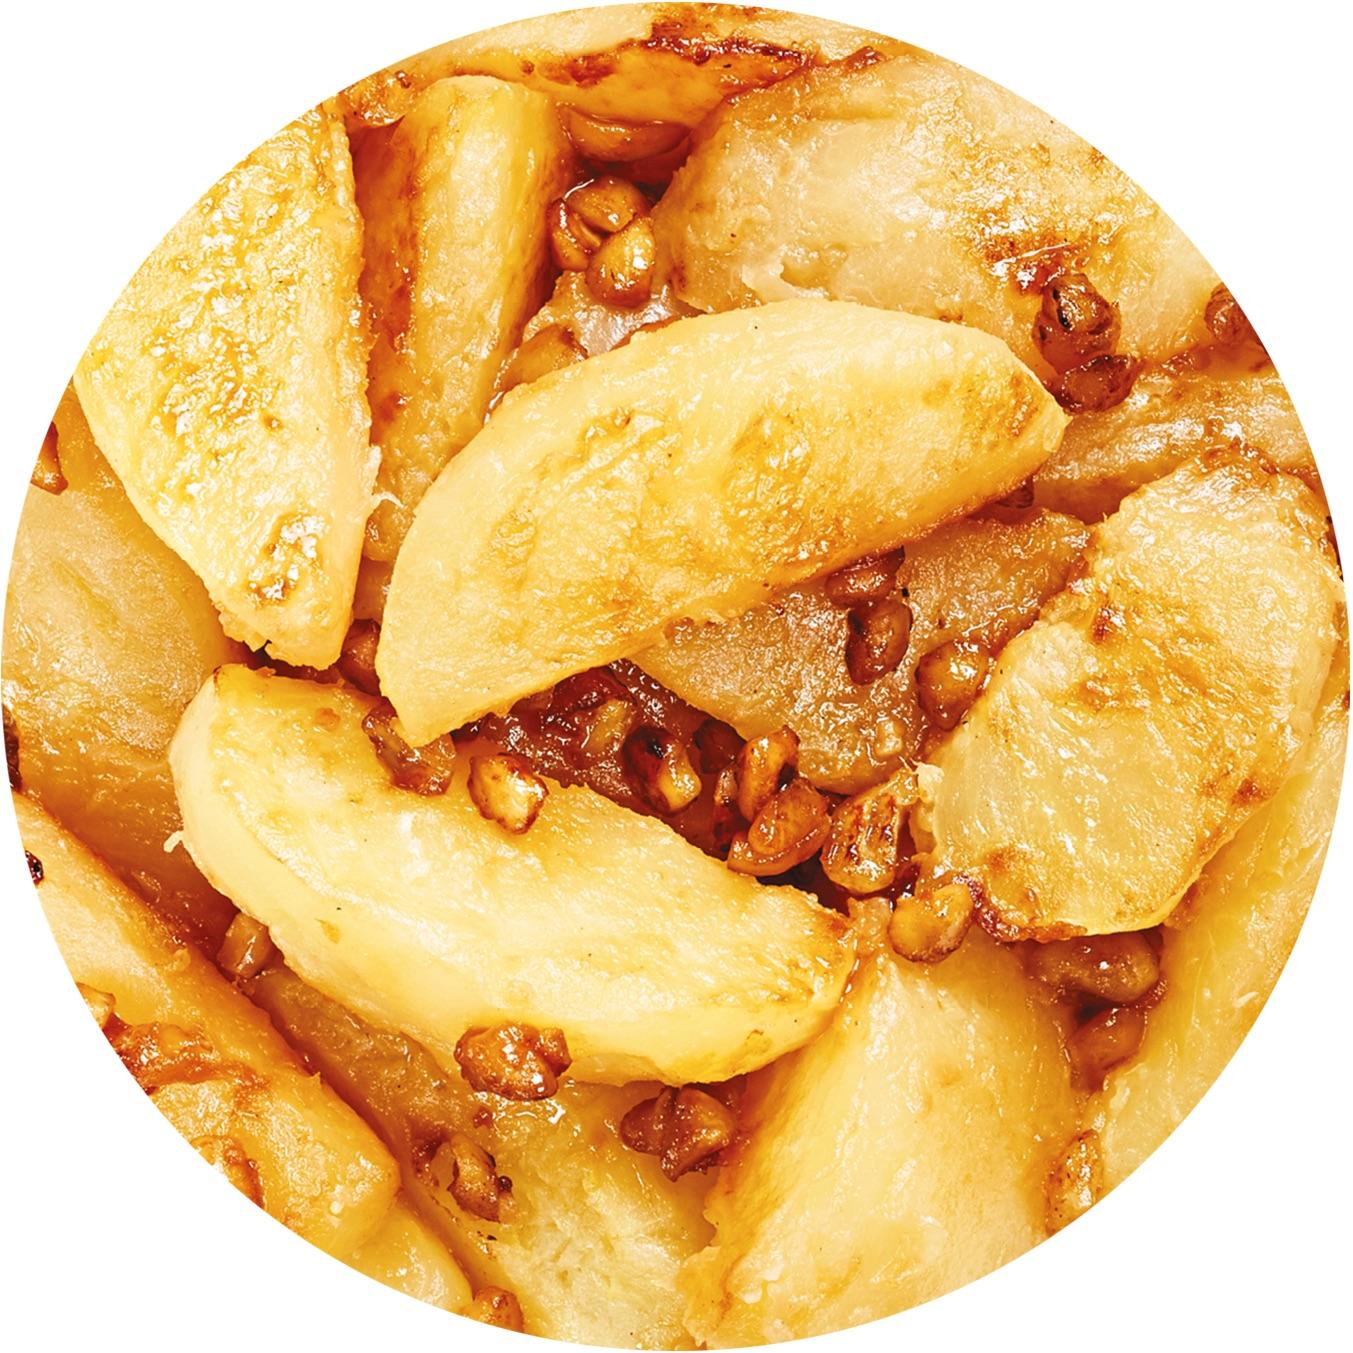 Image de la recette pommes cuites aux noisettes sans sucre ajouté